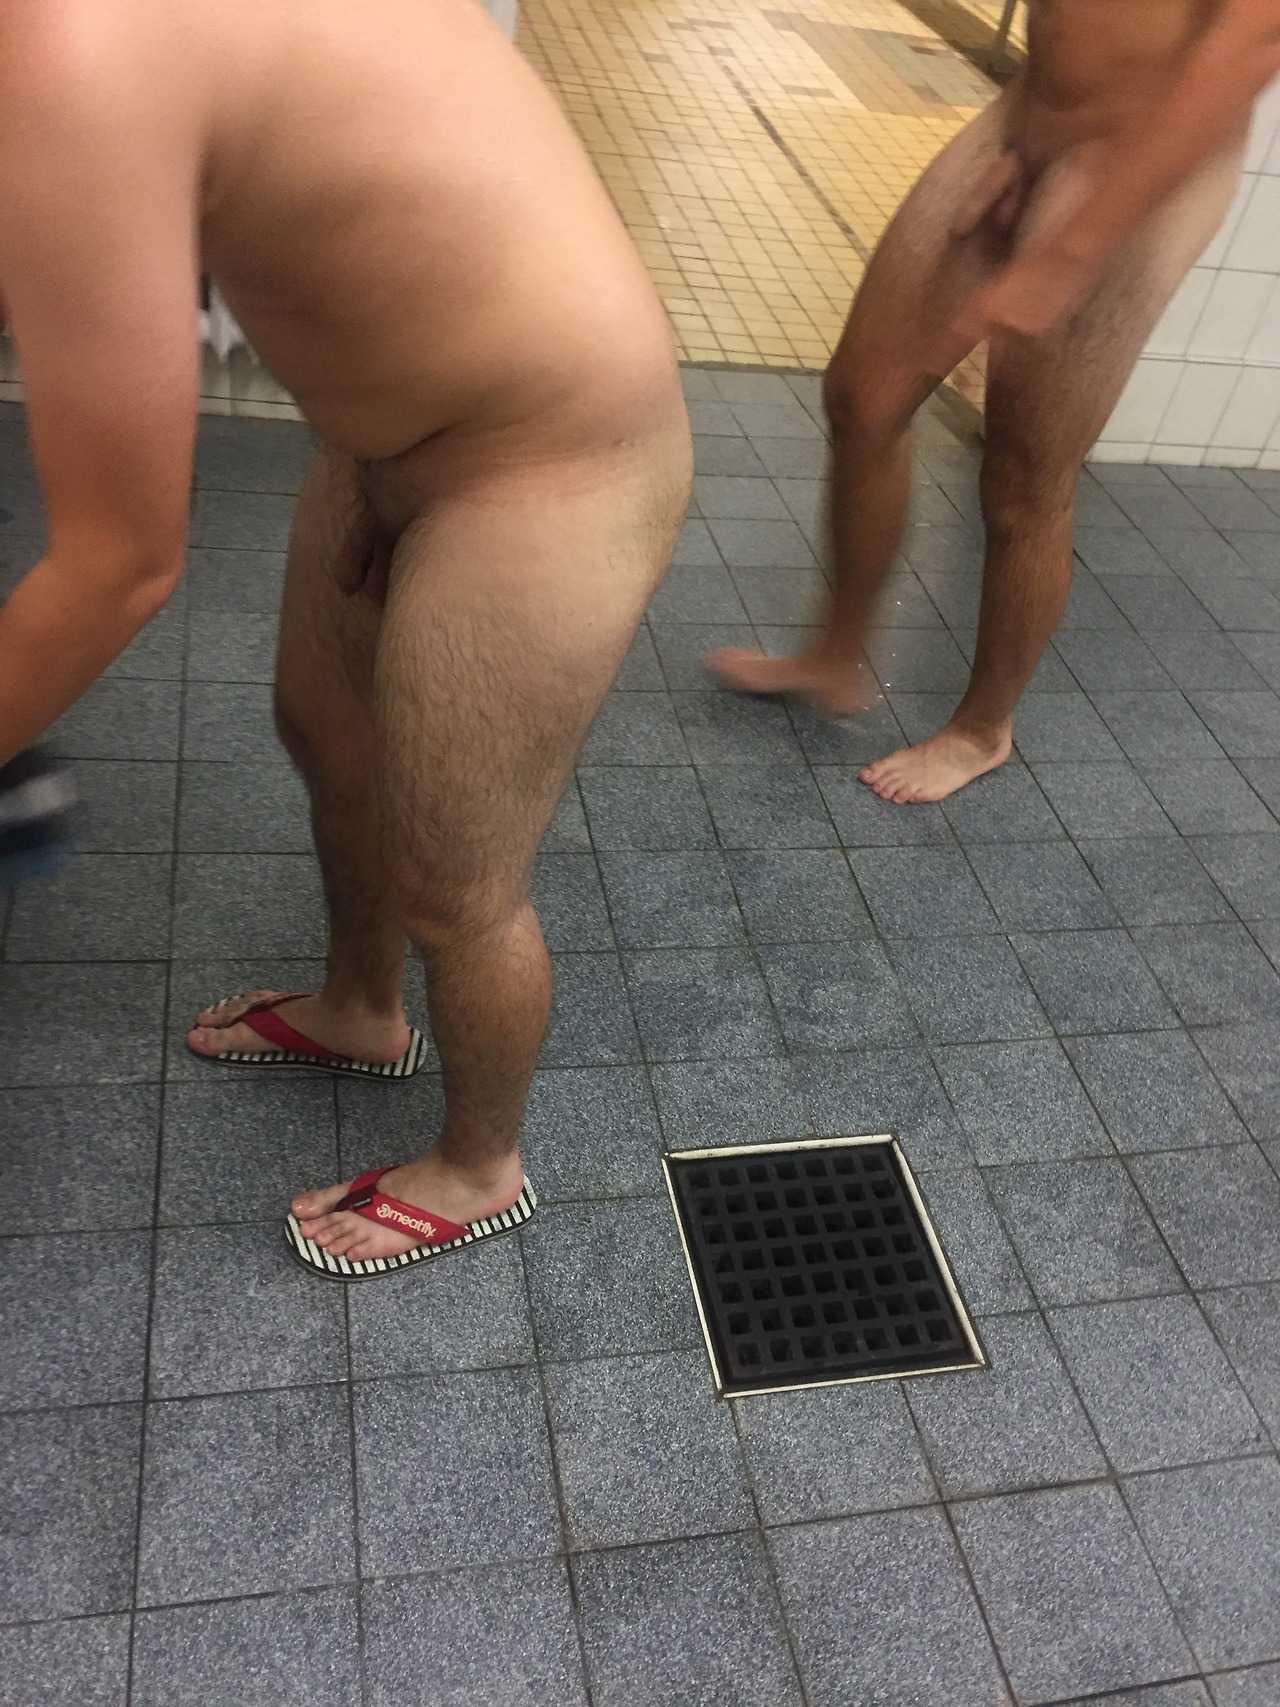 naked guys in the locker room